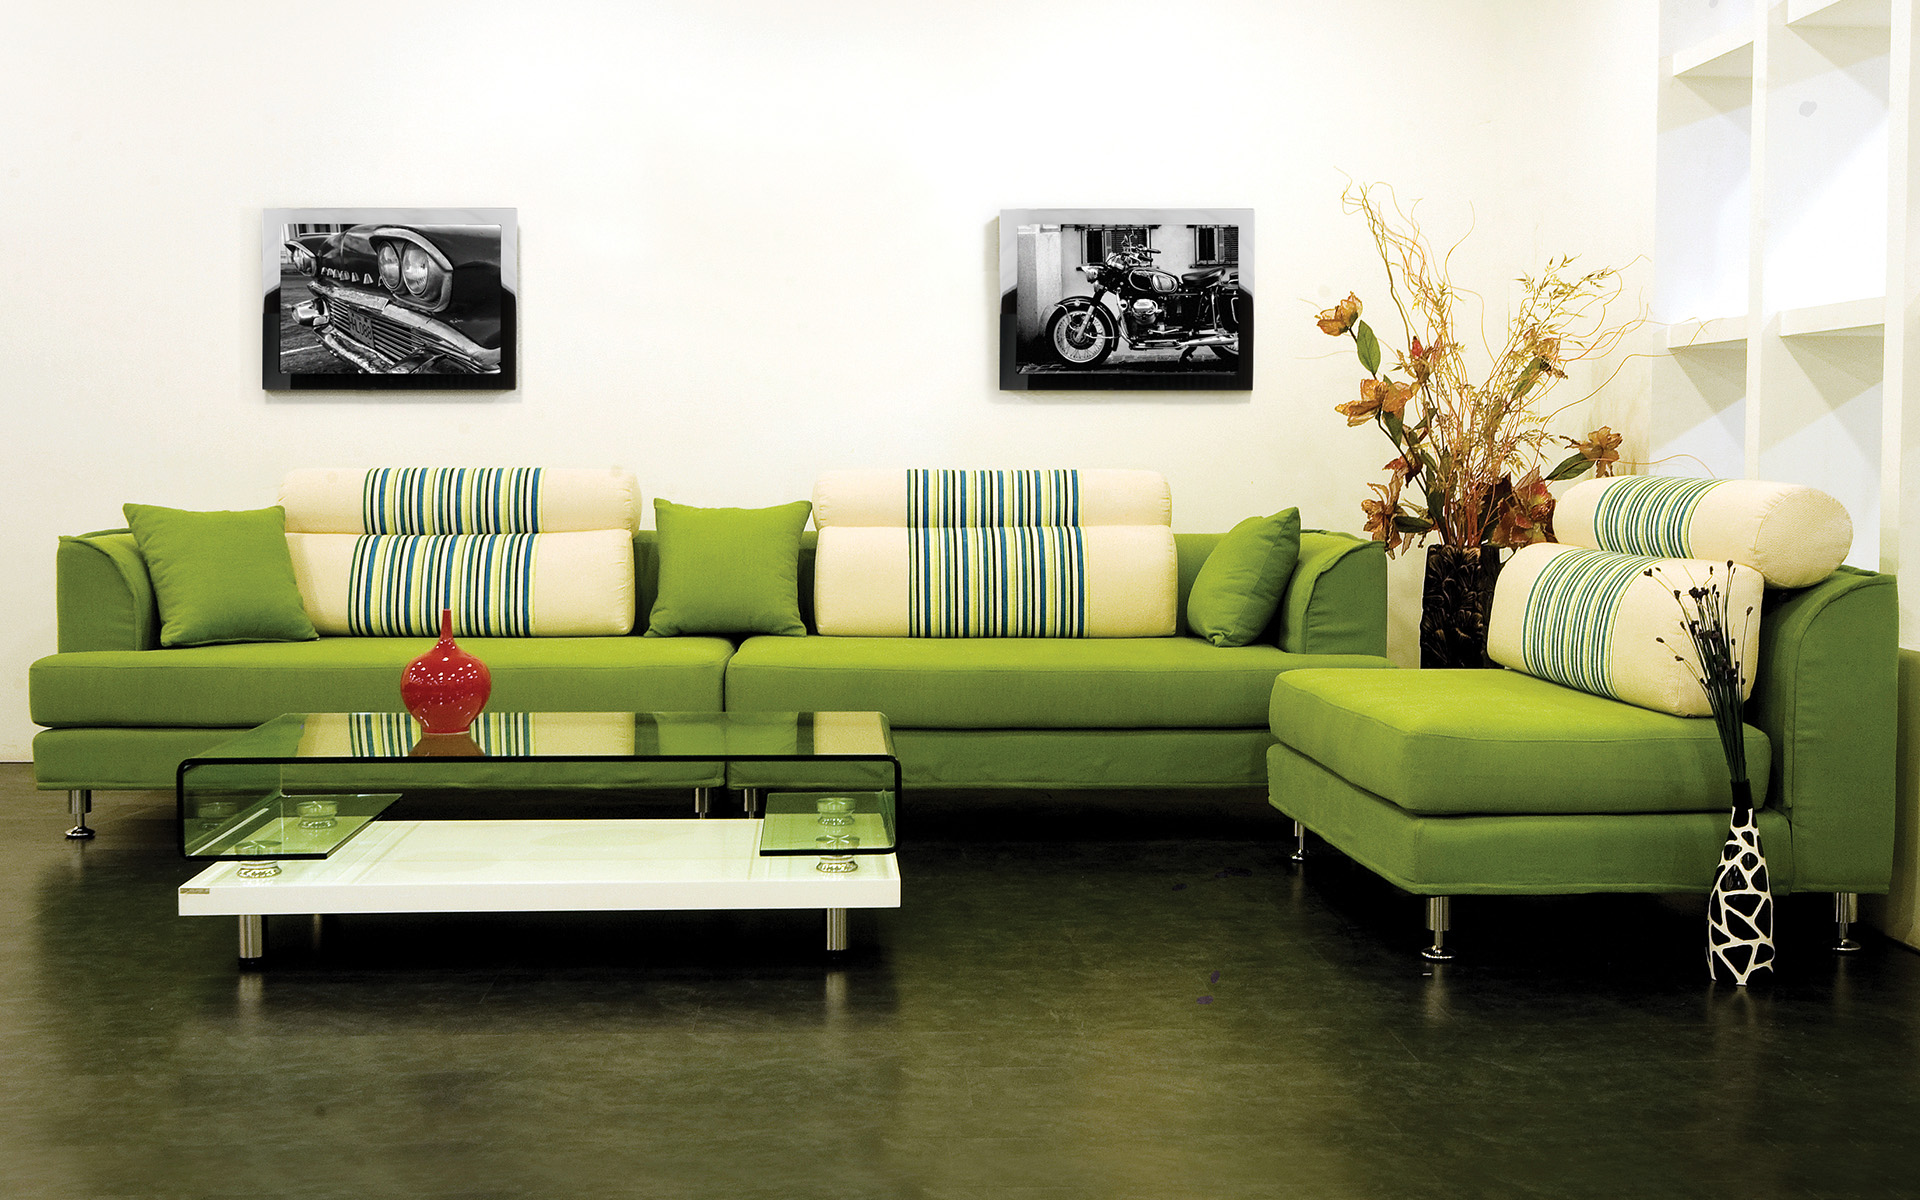 Элементы системы multiroom в вашей гостиной могут быть «замаскированы» под картины или постеры